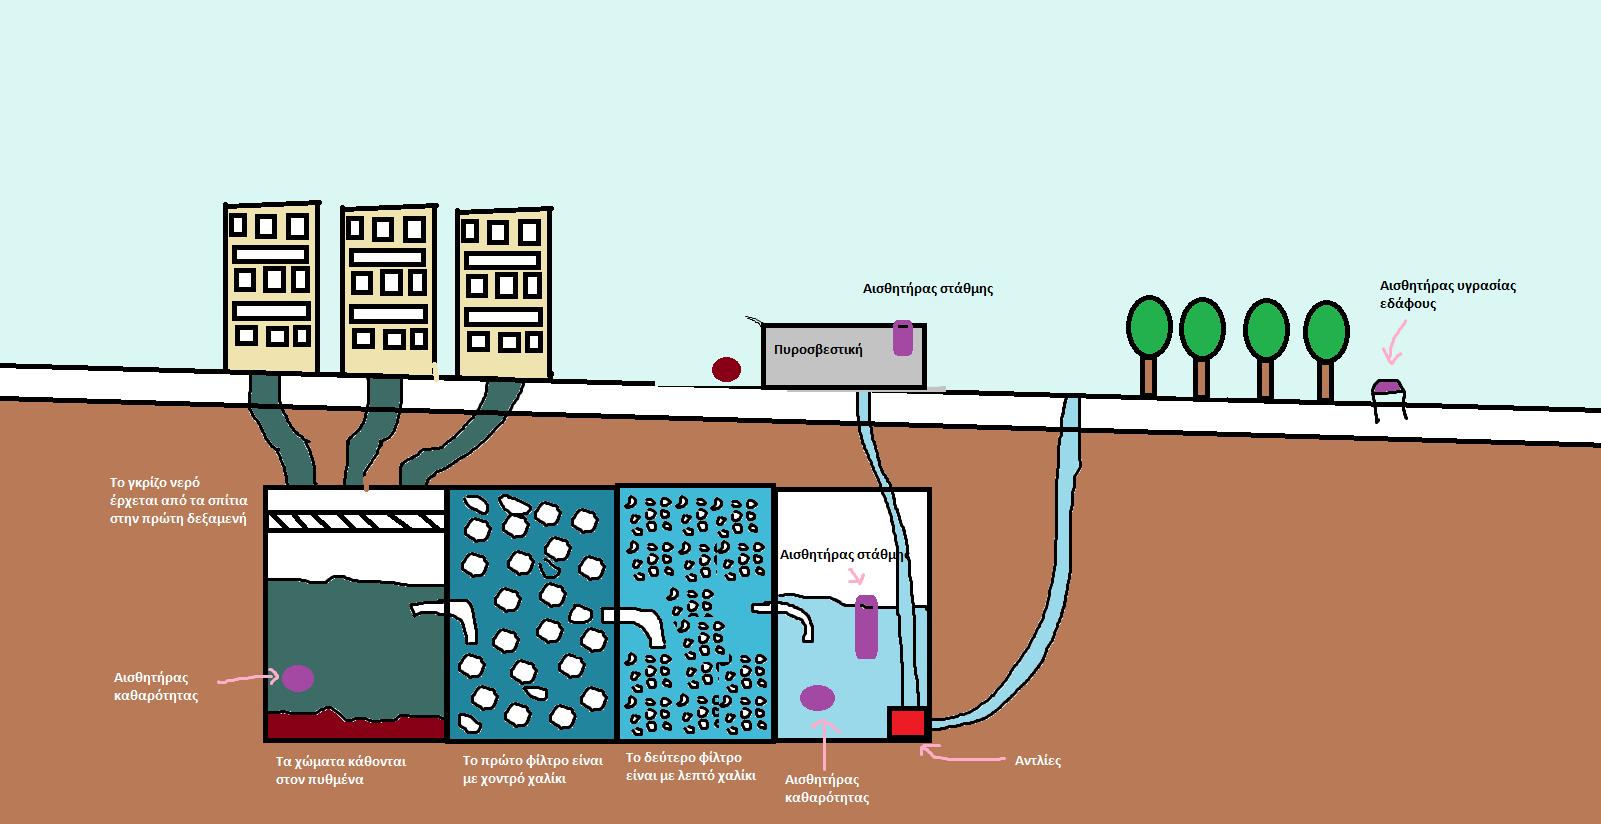 Ανακύκλωση γκρίζου νερού